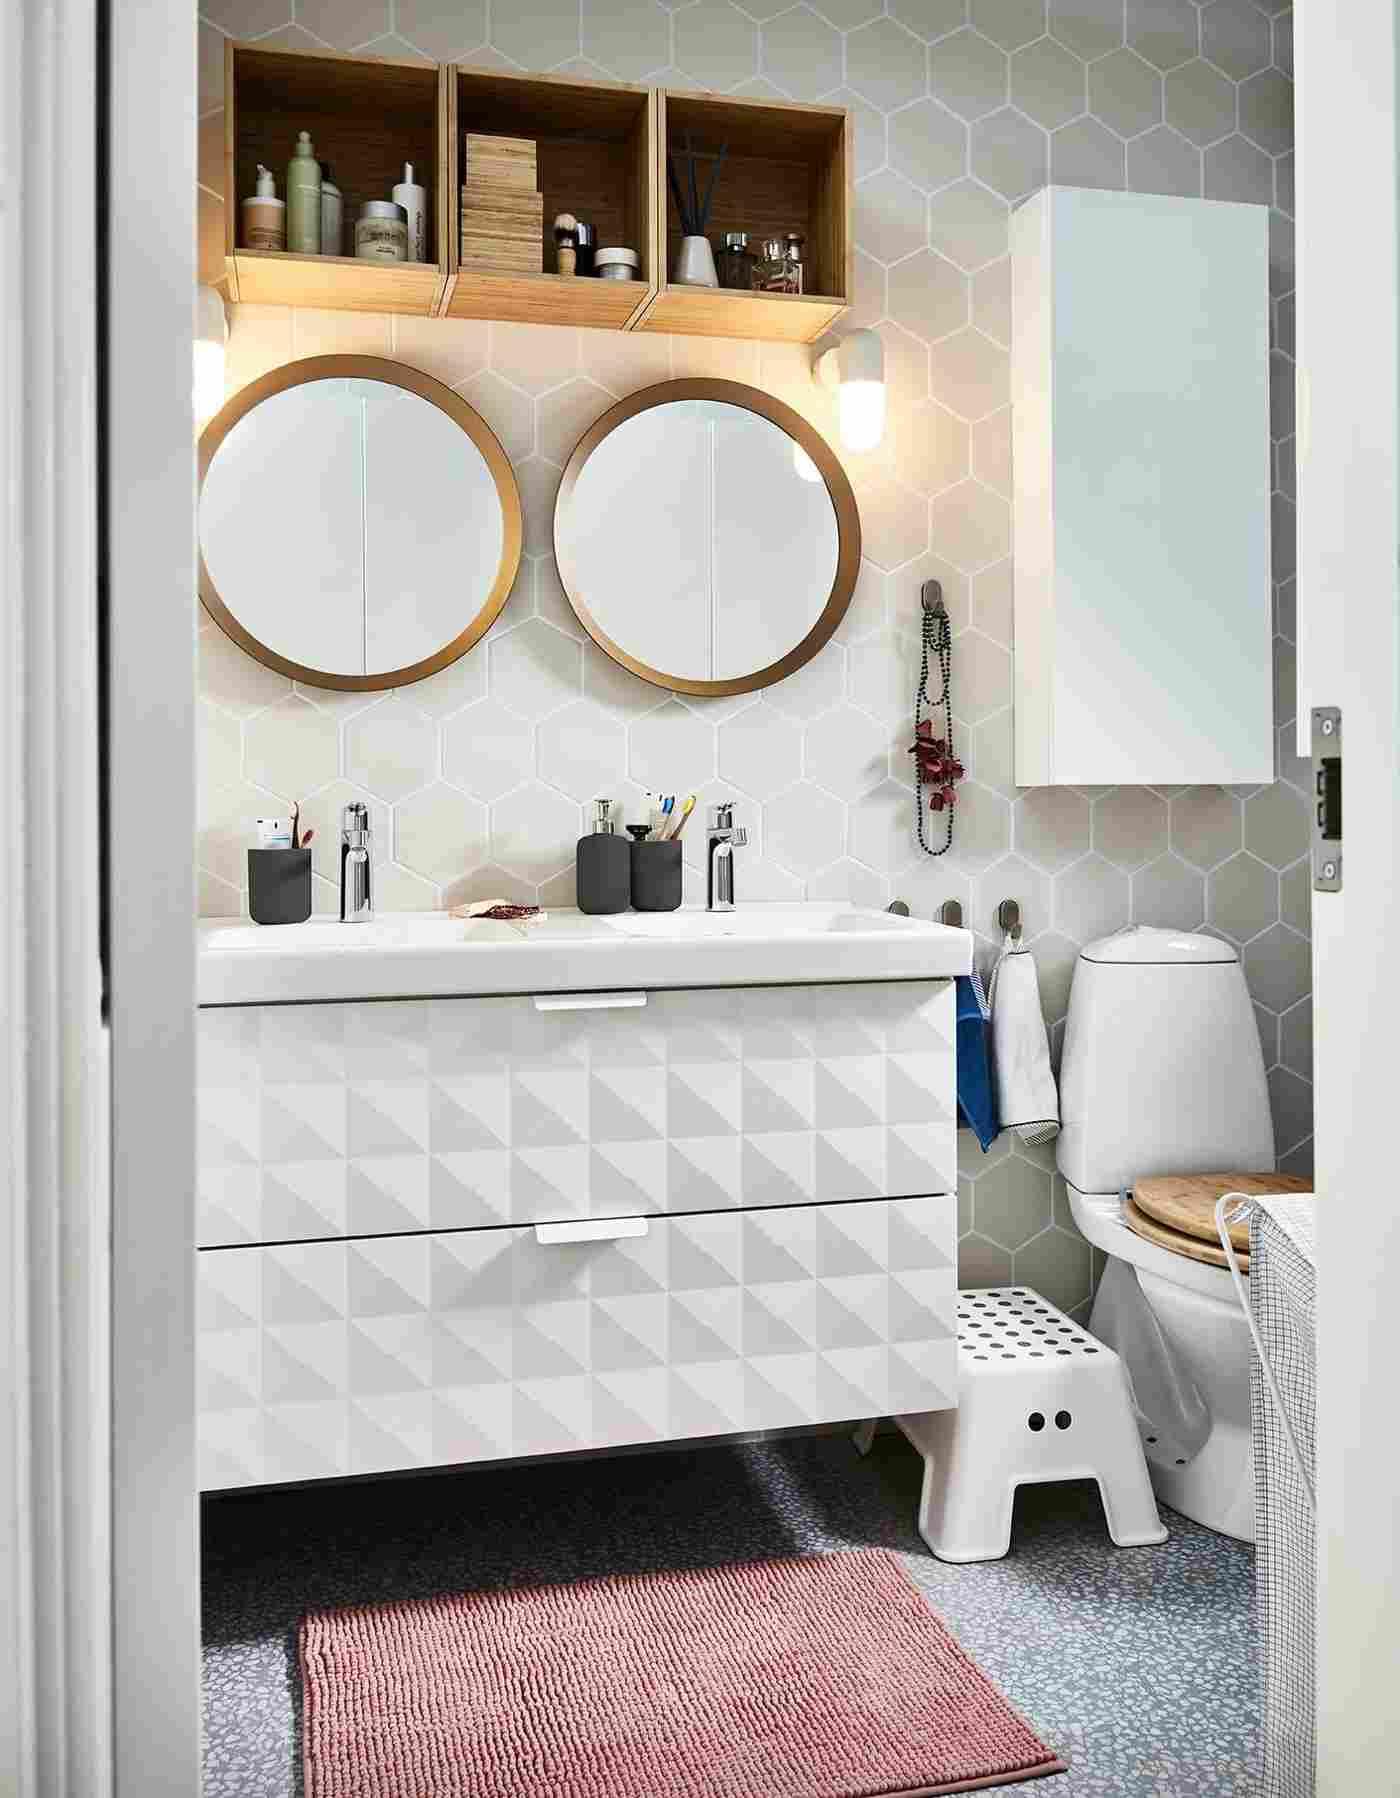 Full Size of Wandregal Ikea Küche Badezimmer Ideen Diese Badmbel Aus Katalog 2020 Sind Trendig Gewinnen Blende Kinder Spielküche Kaufen Doppelblock Sitzgruppe Wohnzimmer Wandregal Ikea Küche